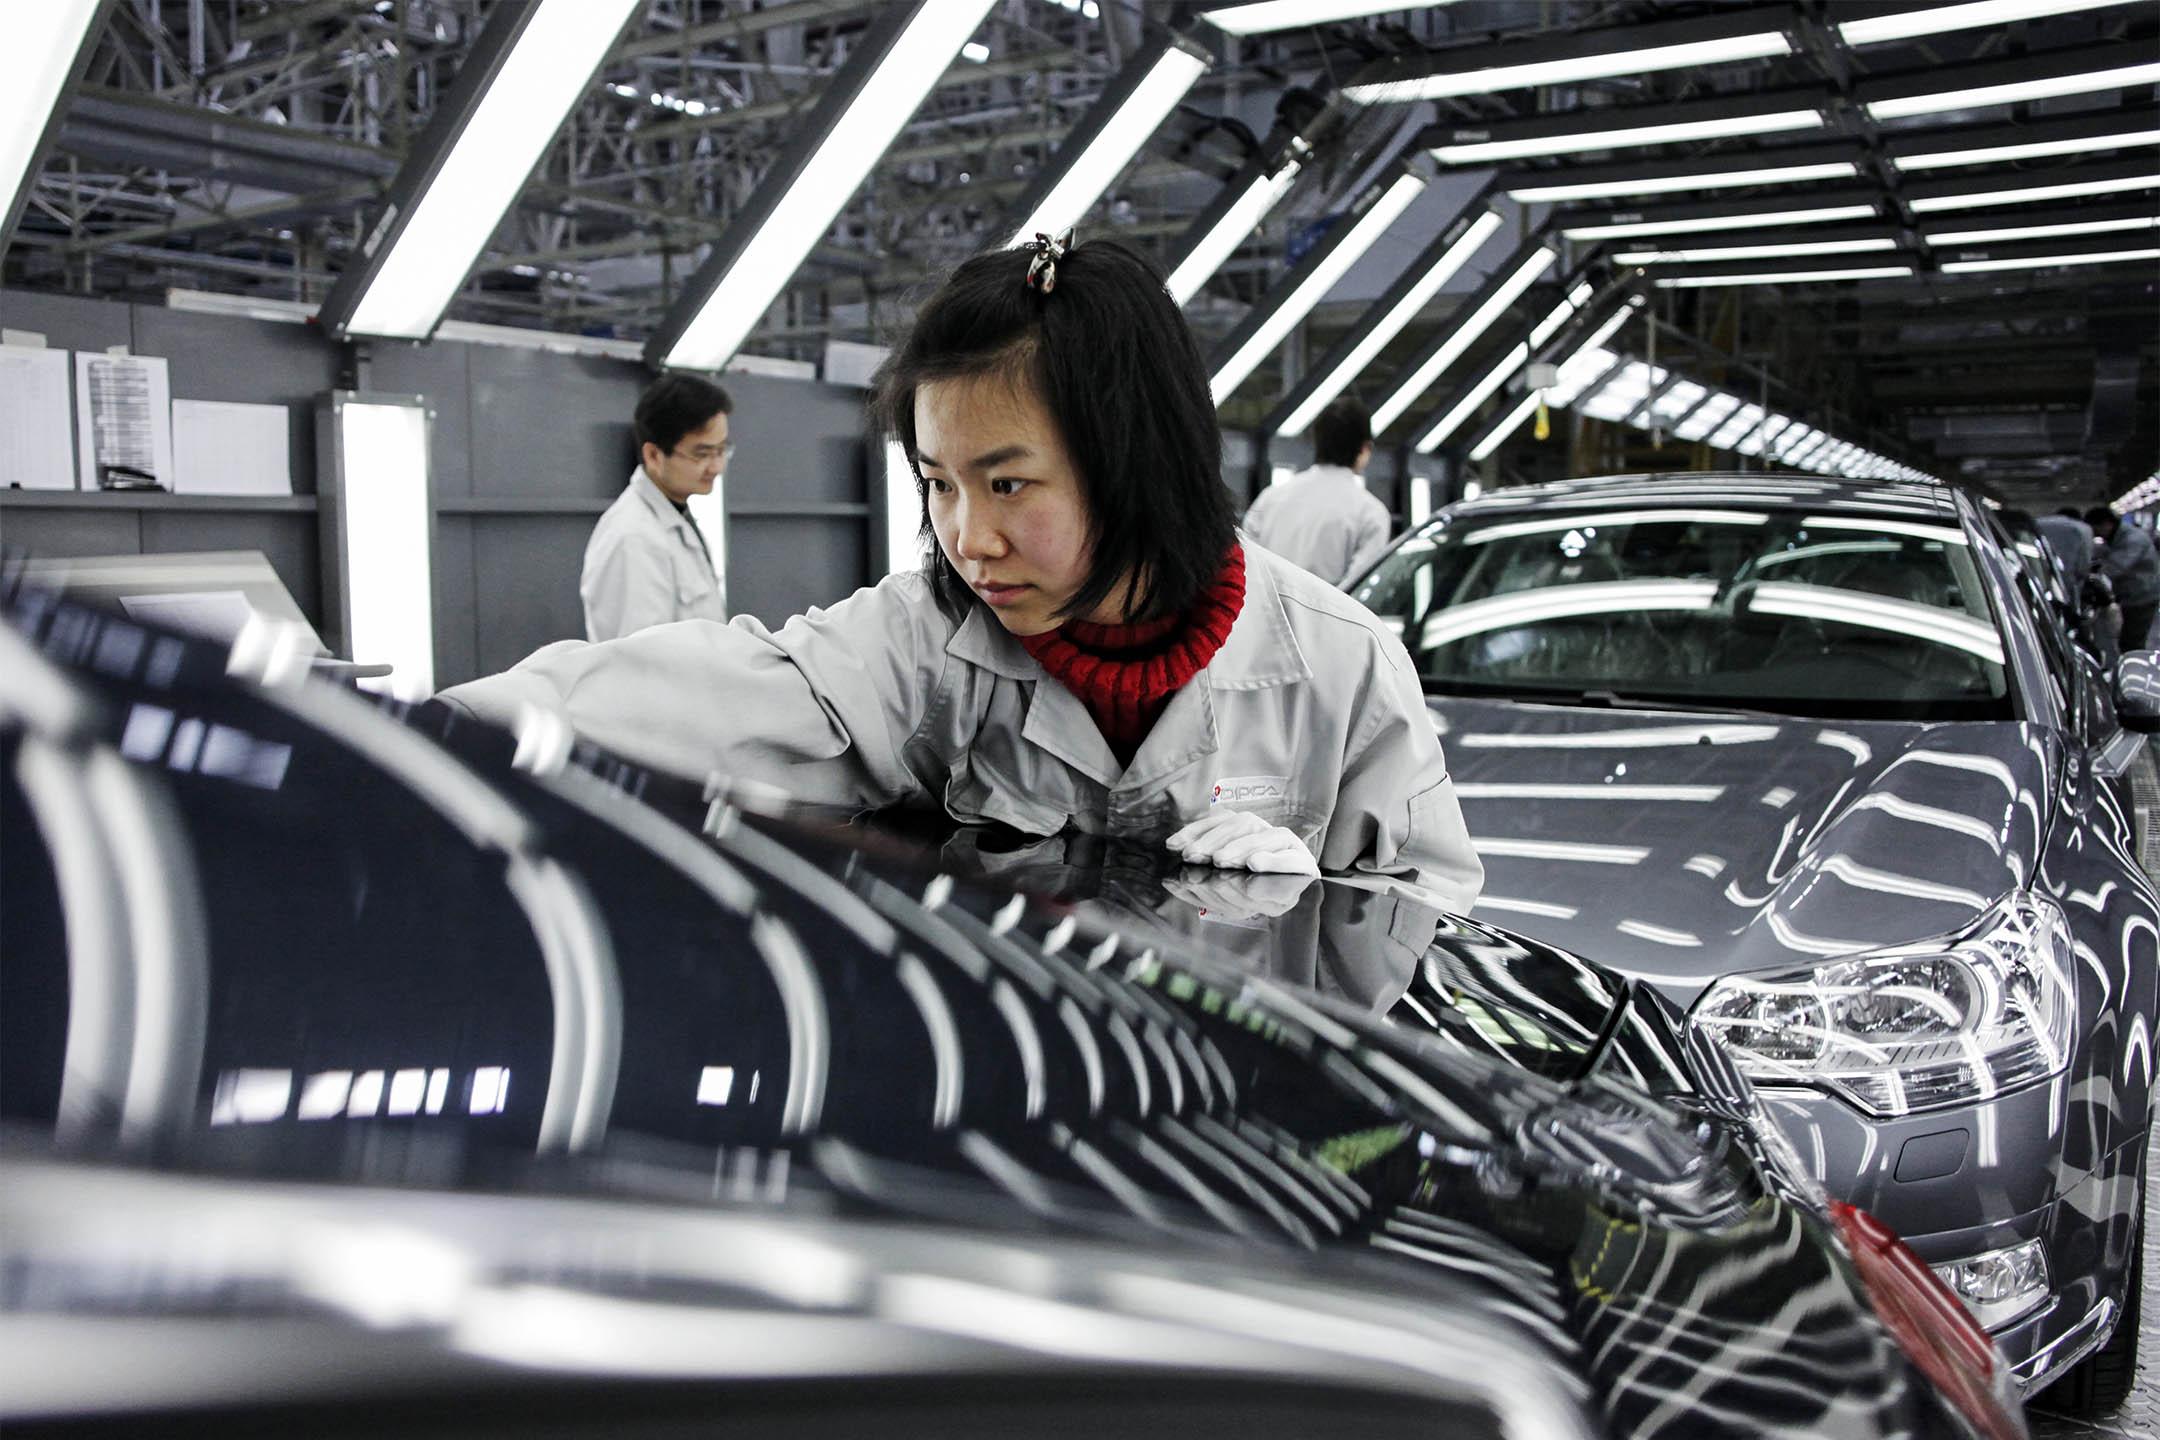 2009年11月24日,工人於中國湖北省武漢市的汽車工廠生產線上工作。 攝:In Pictures Ltd./Corbis via Getty Images